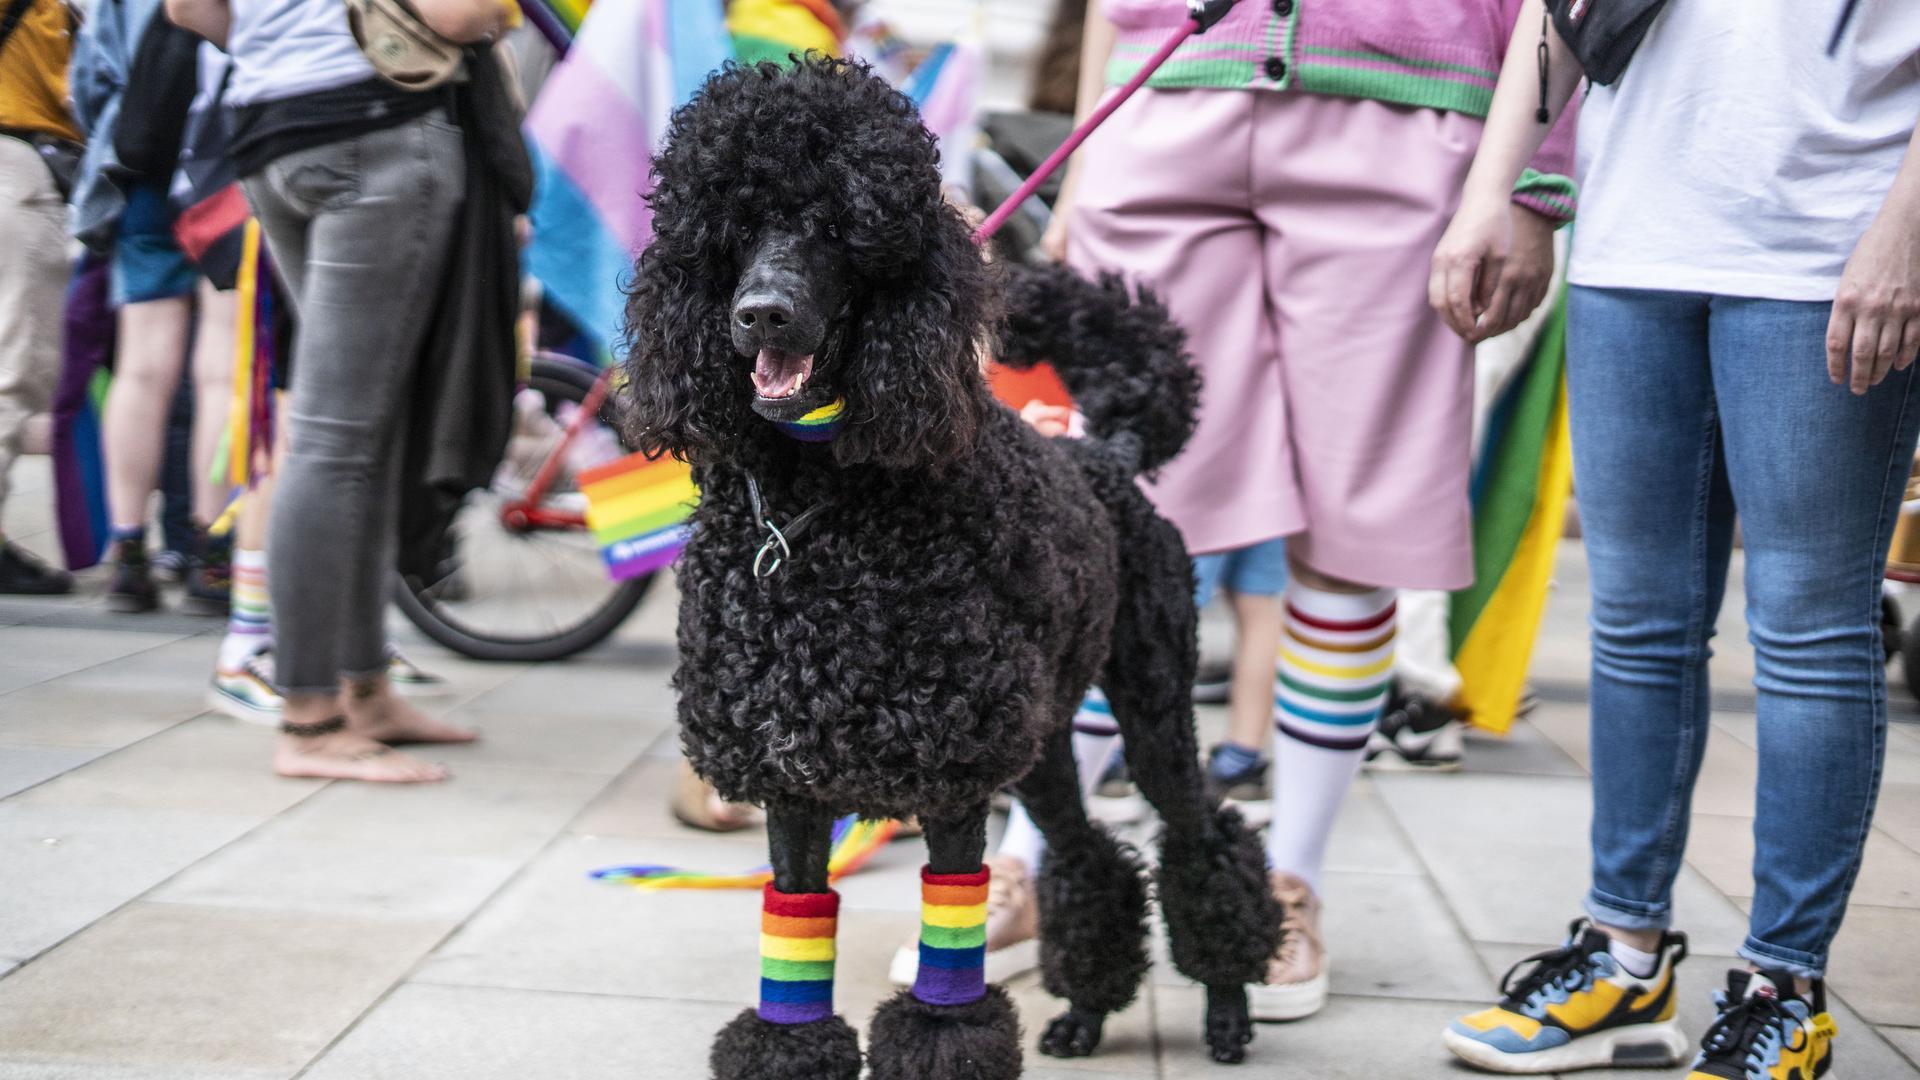 Ein Pudel trägt Regenbogen-Stulpen